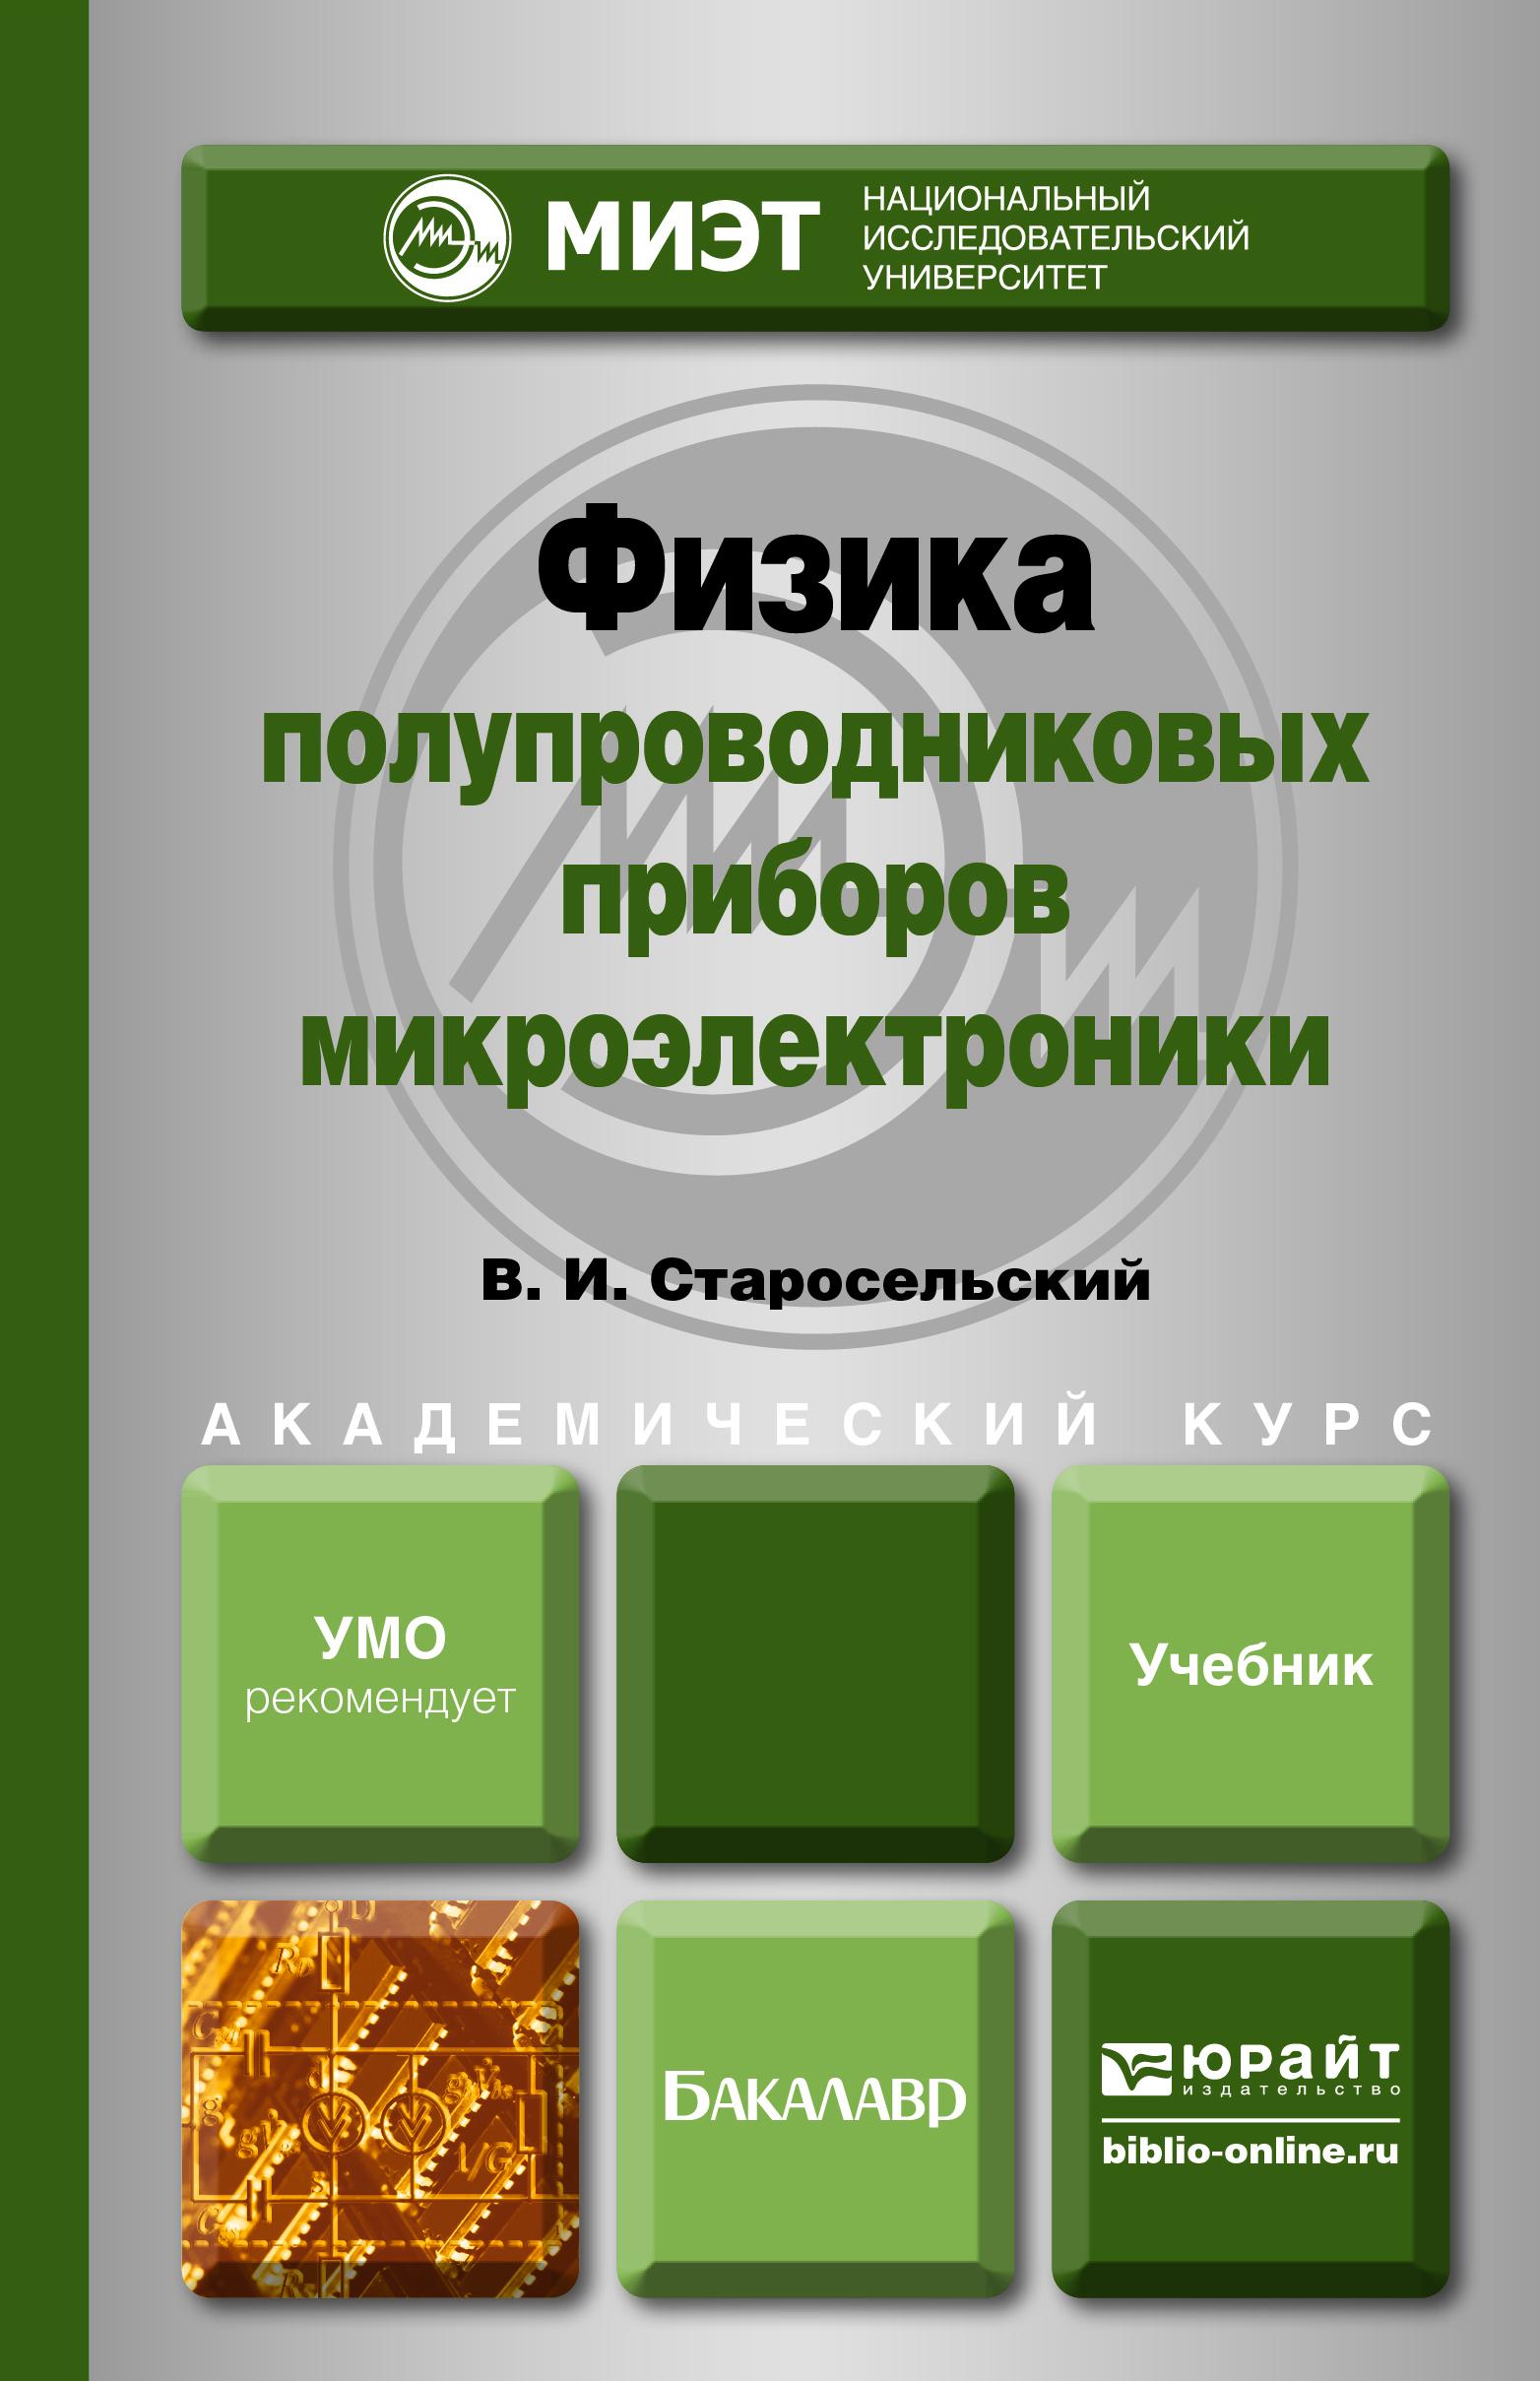 Физика полупроводниковых приборов микроэлектроники. Учебное пособие